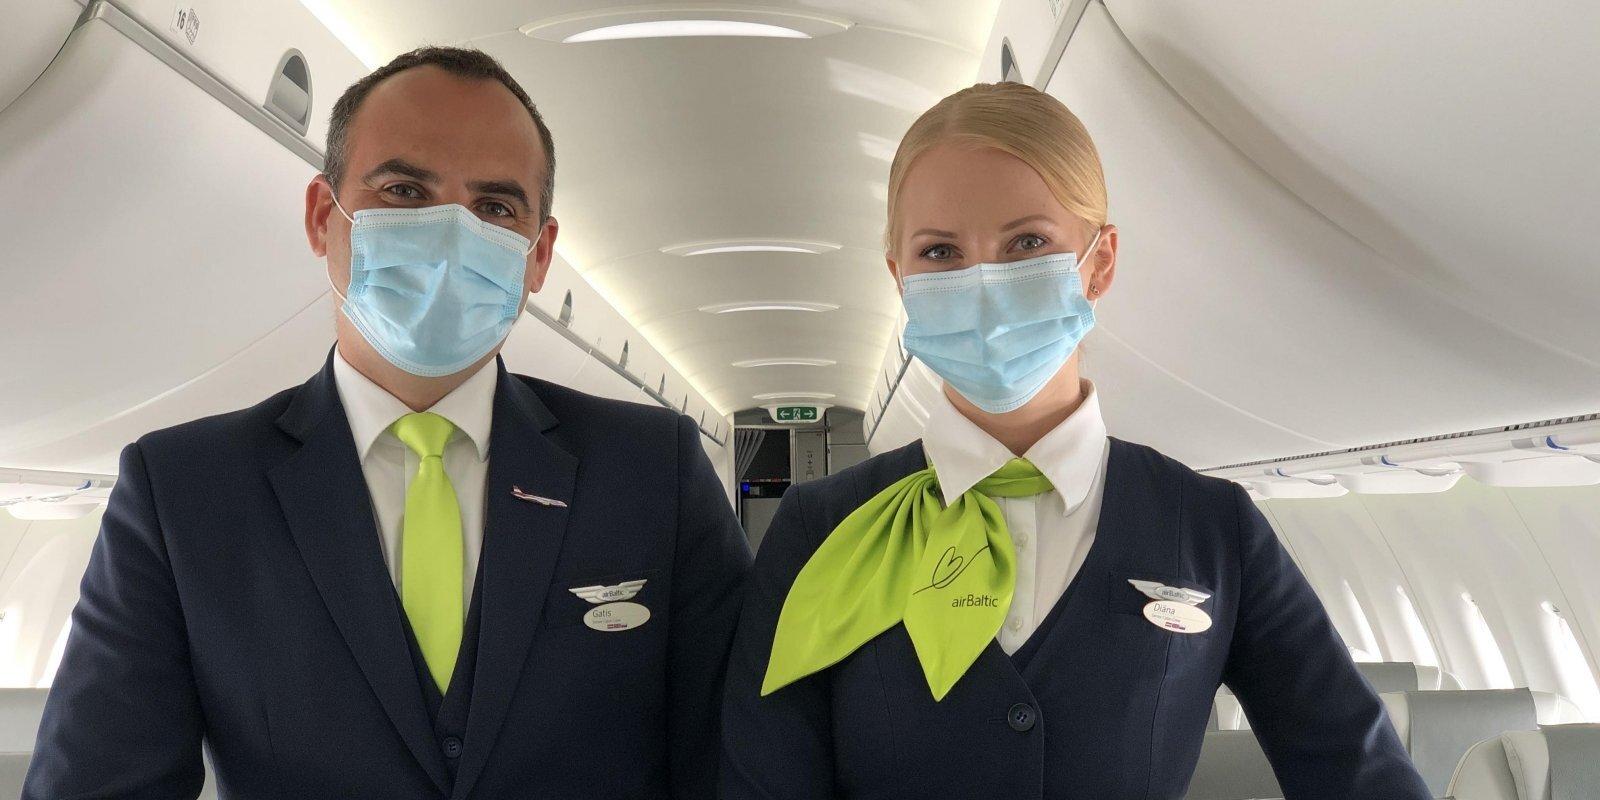 Par tiem, kas gaisā: Kā pēc lielās atlaišanas dzīvo 'airBaltic' piloti un stjuartes